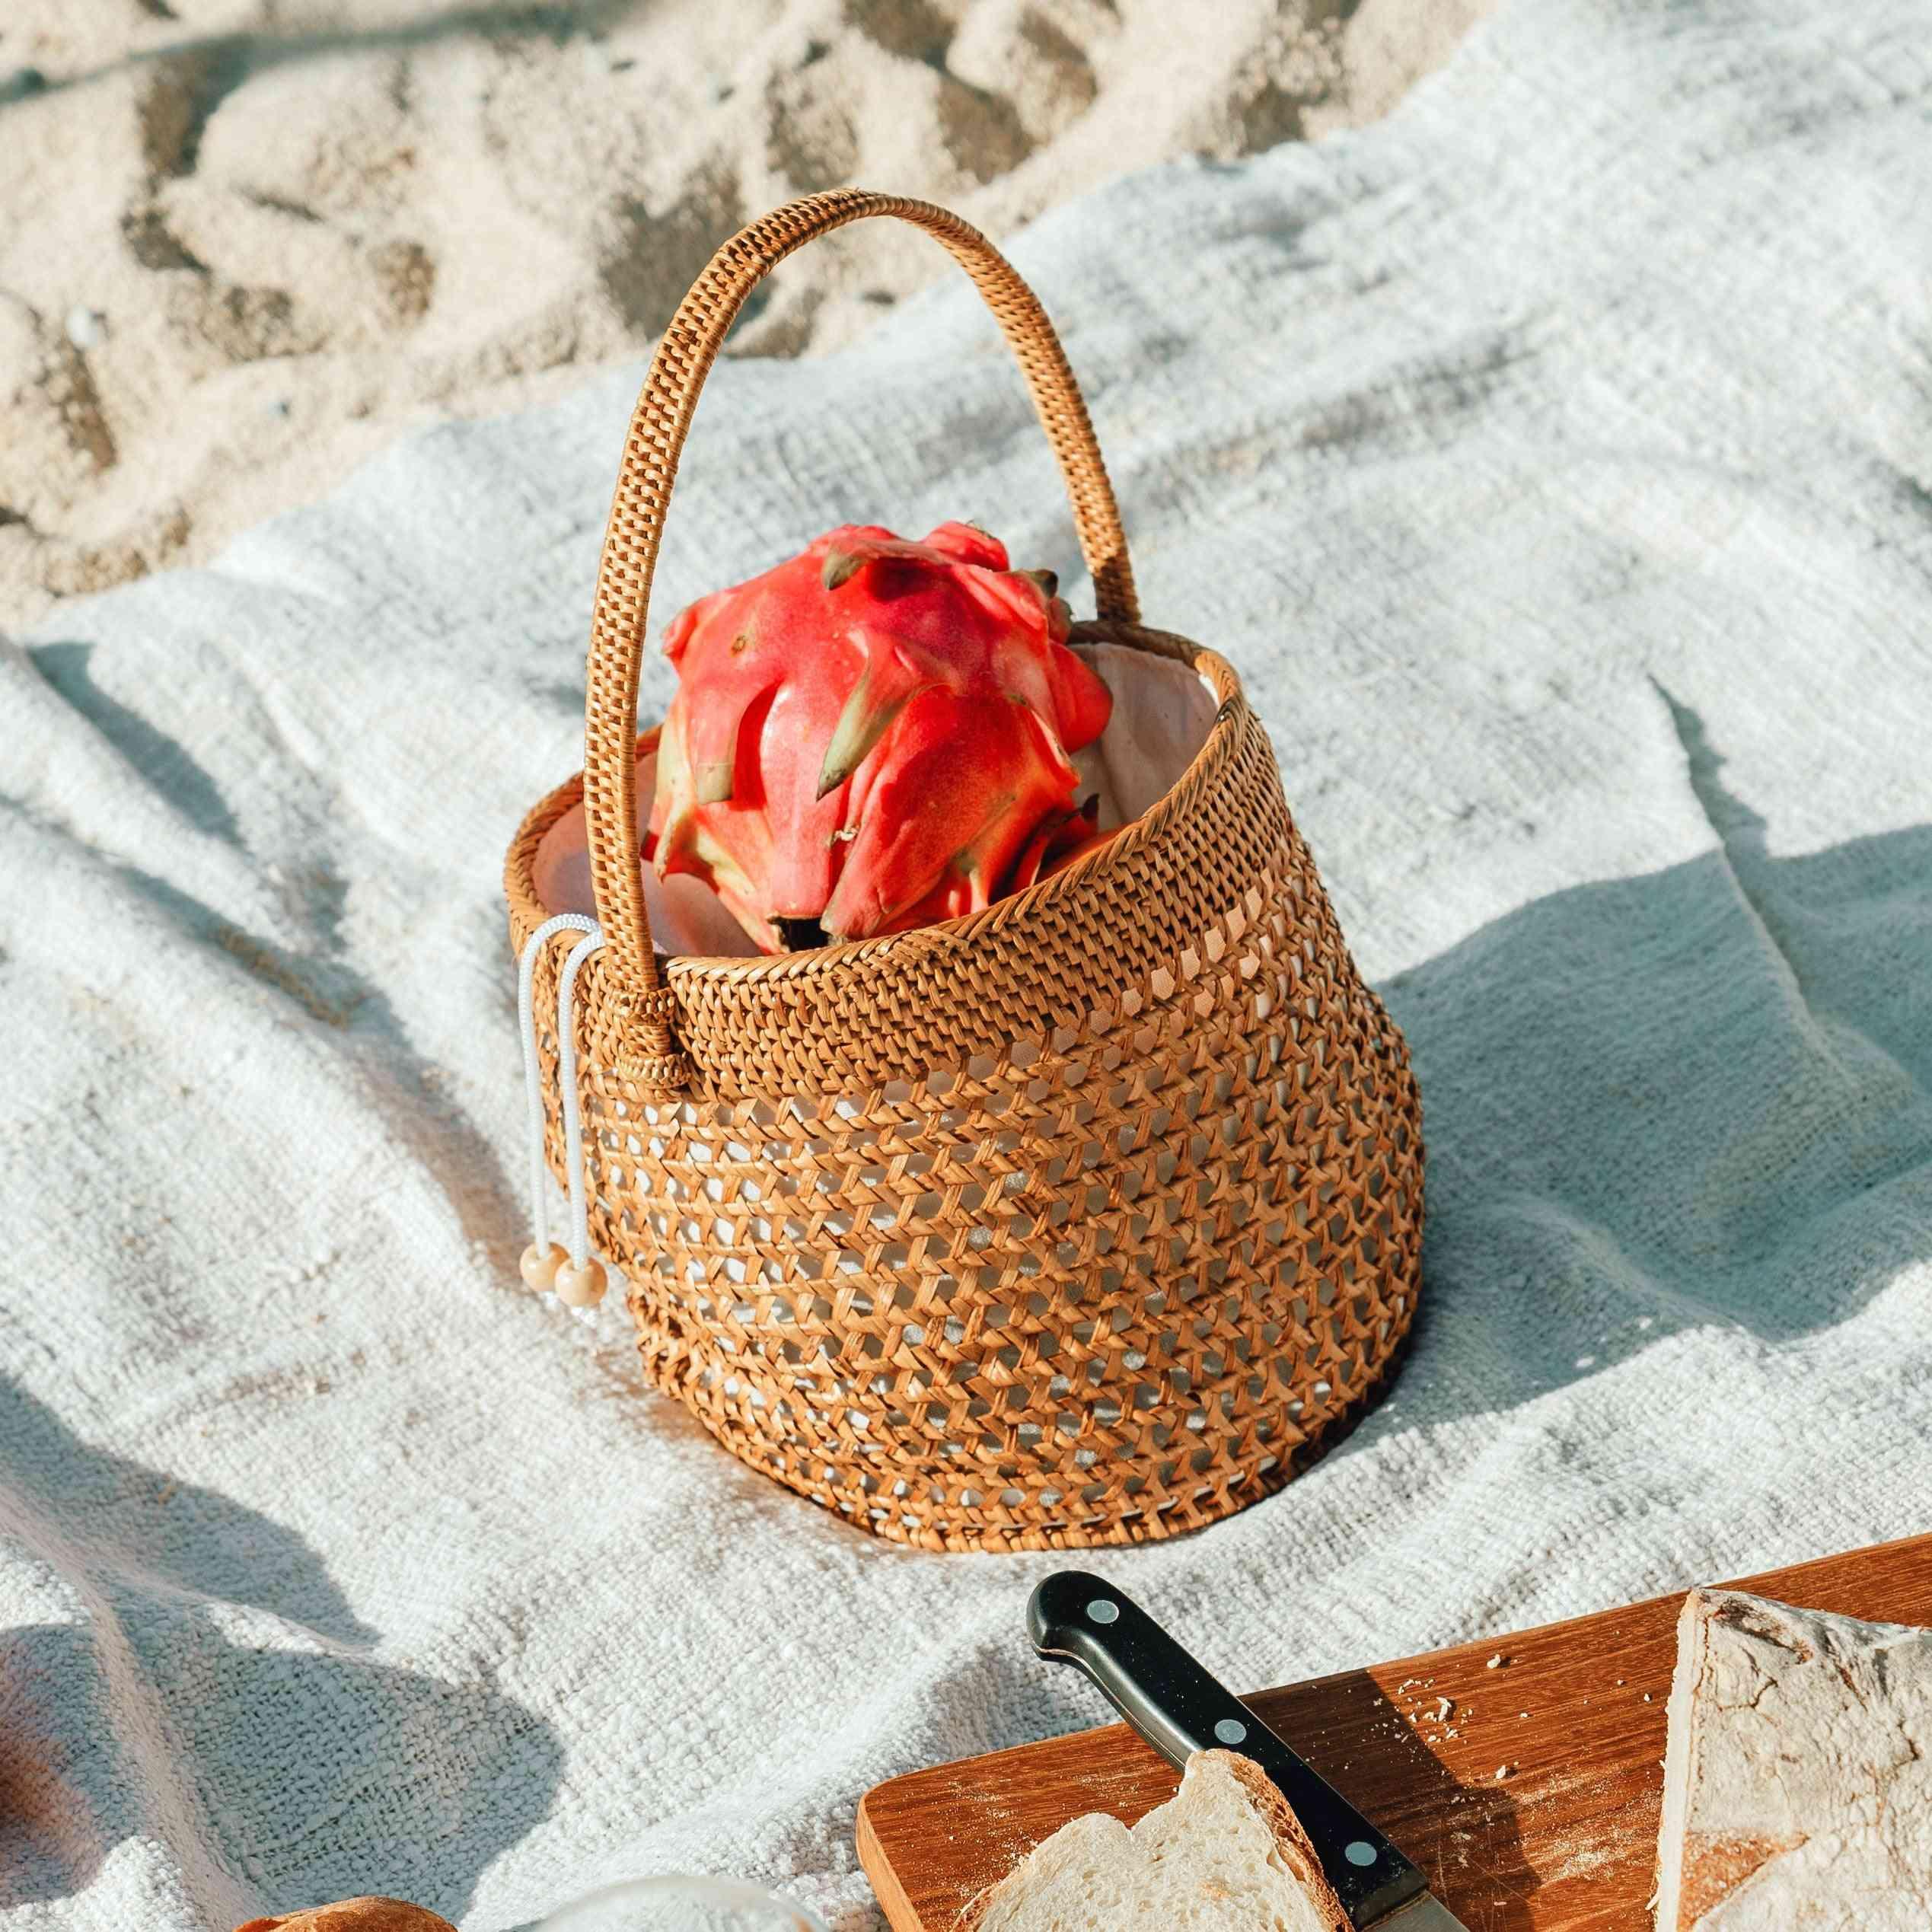 Cotton Drawstring Lining, Bucket Straw Bag